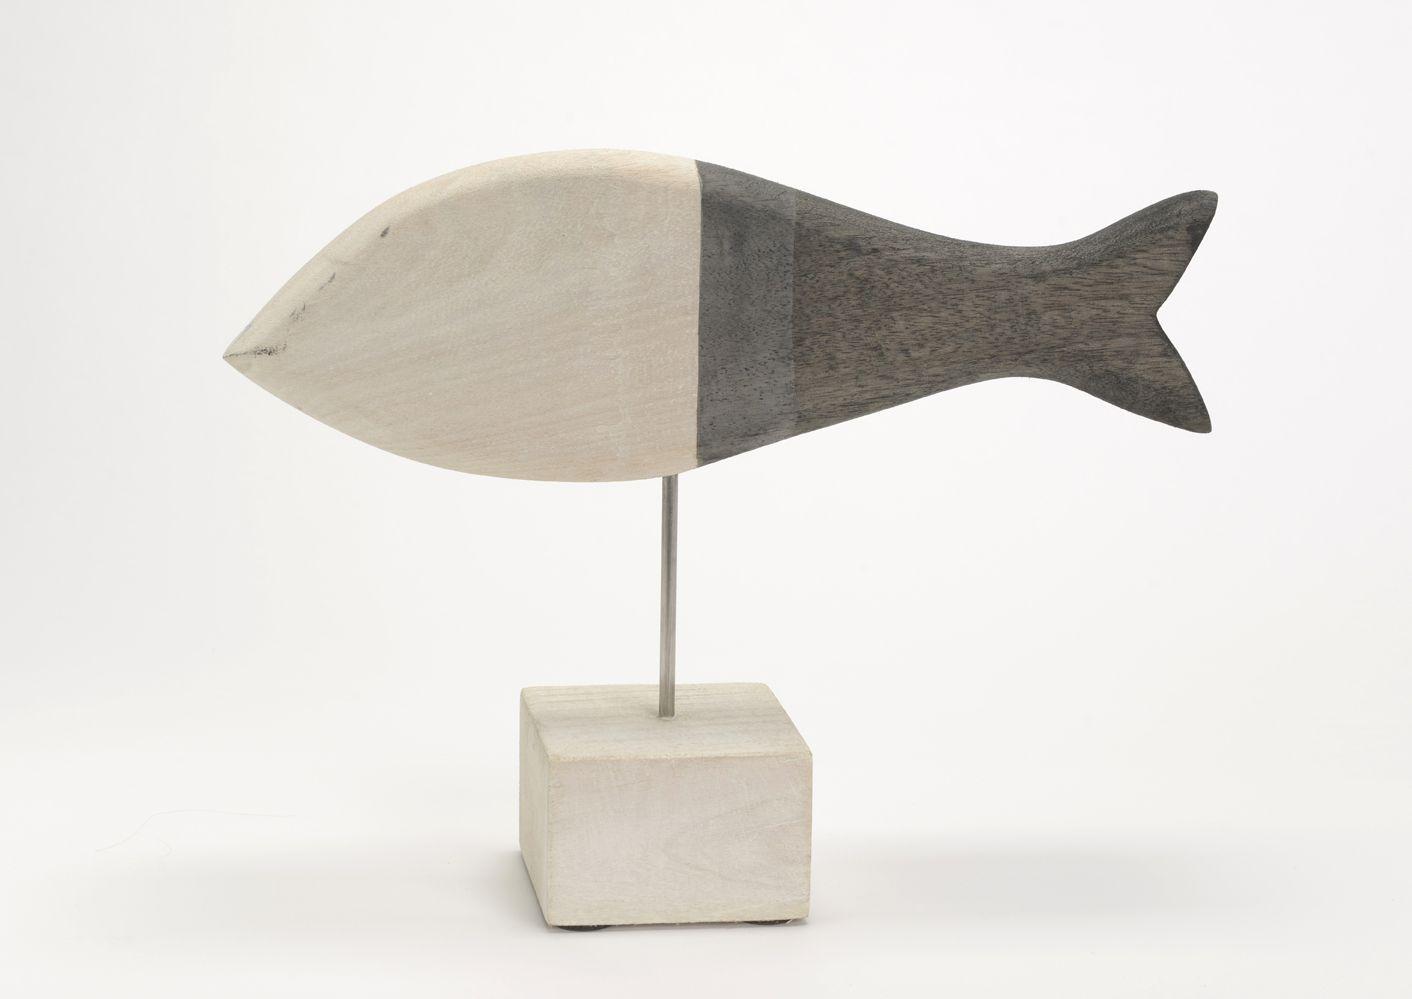 Poisson bois sur pied brehat for Deco poisson bois